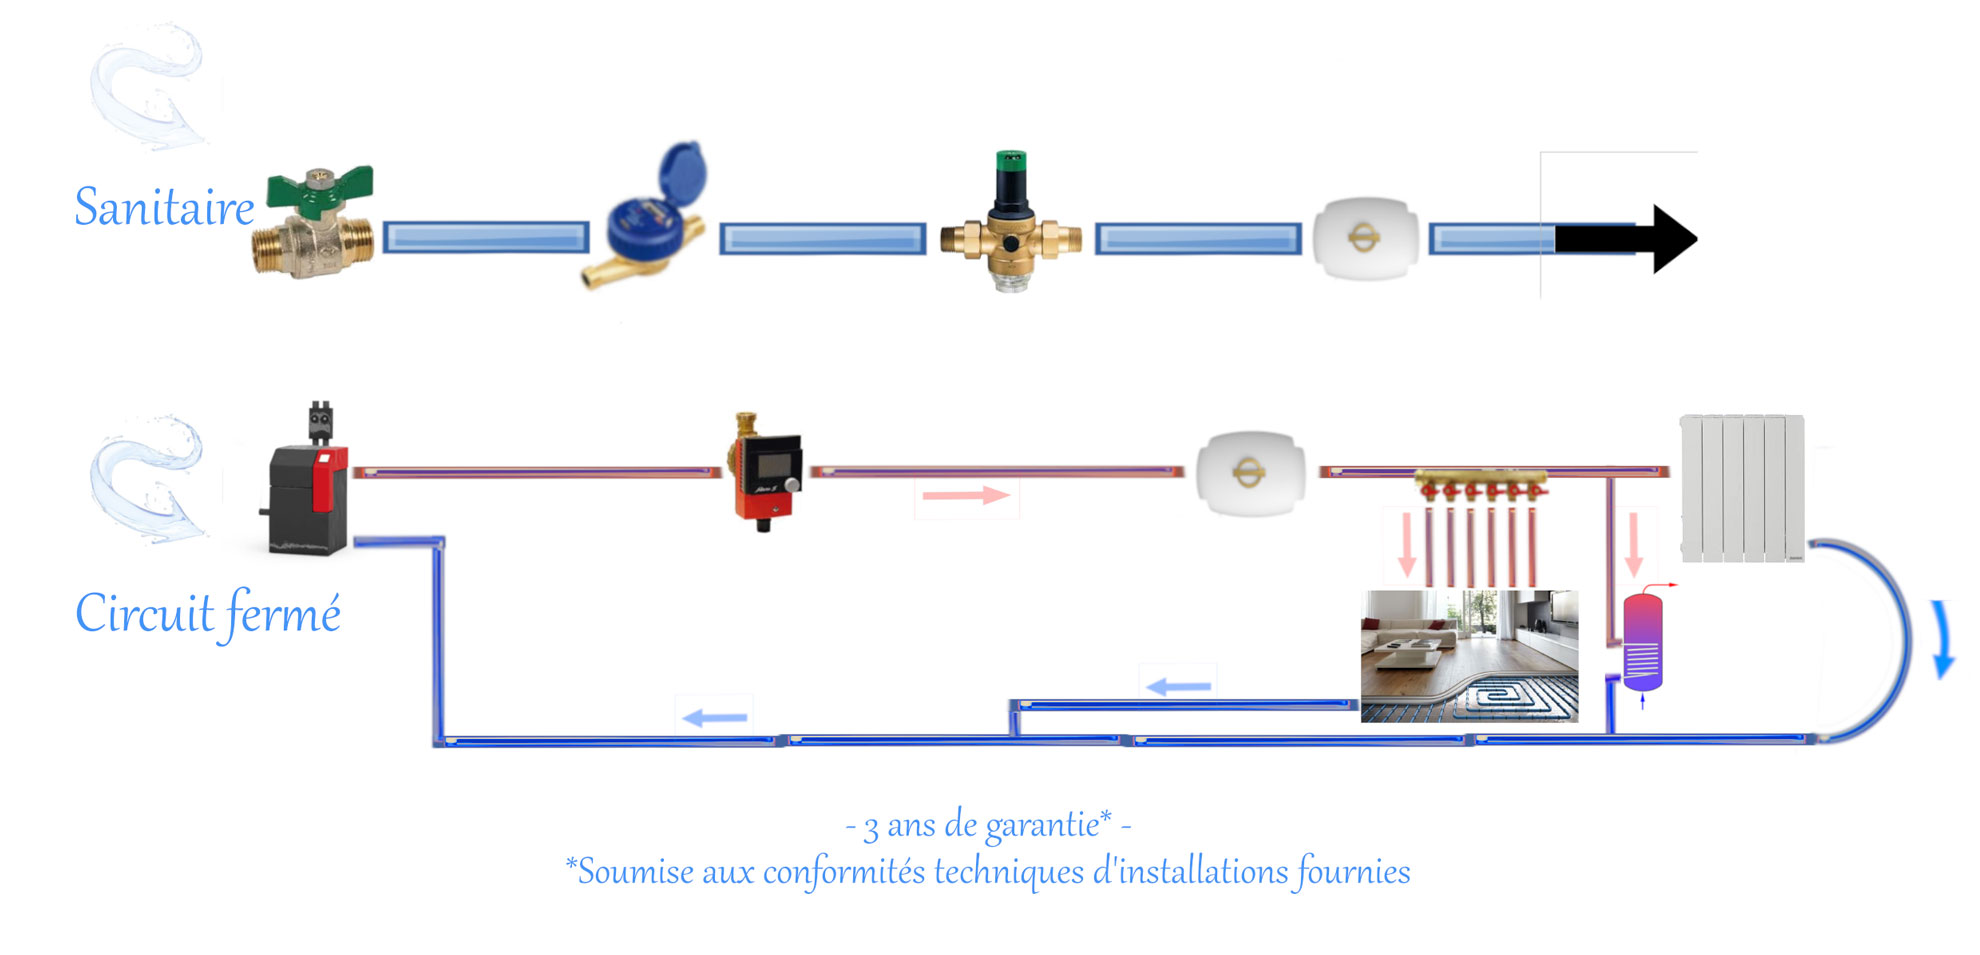 Schemas-d-applications-technique_Desemboueur_Permanent_Valrhonenergie